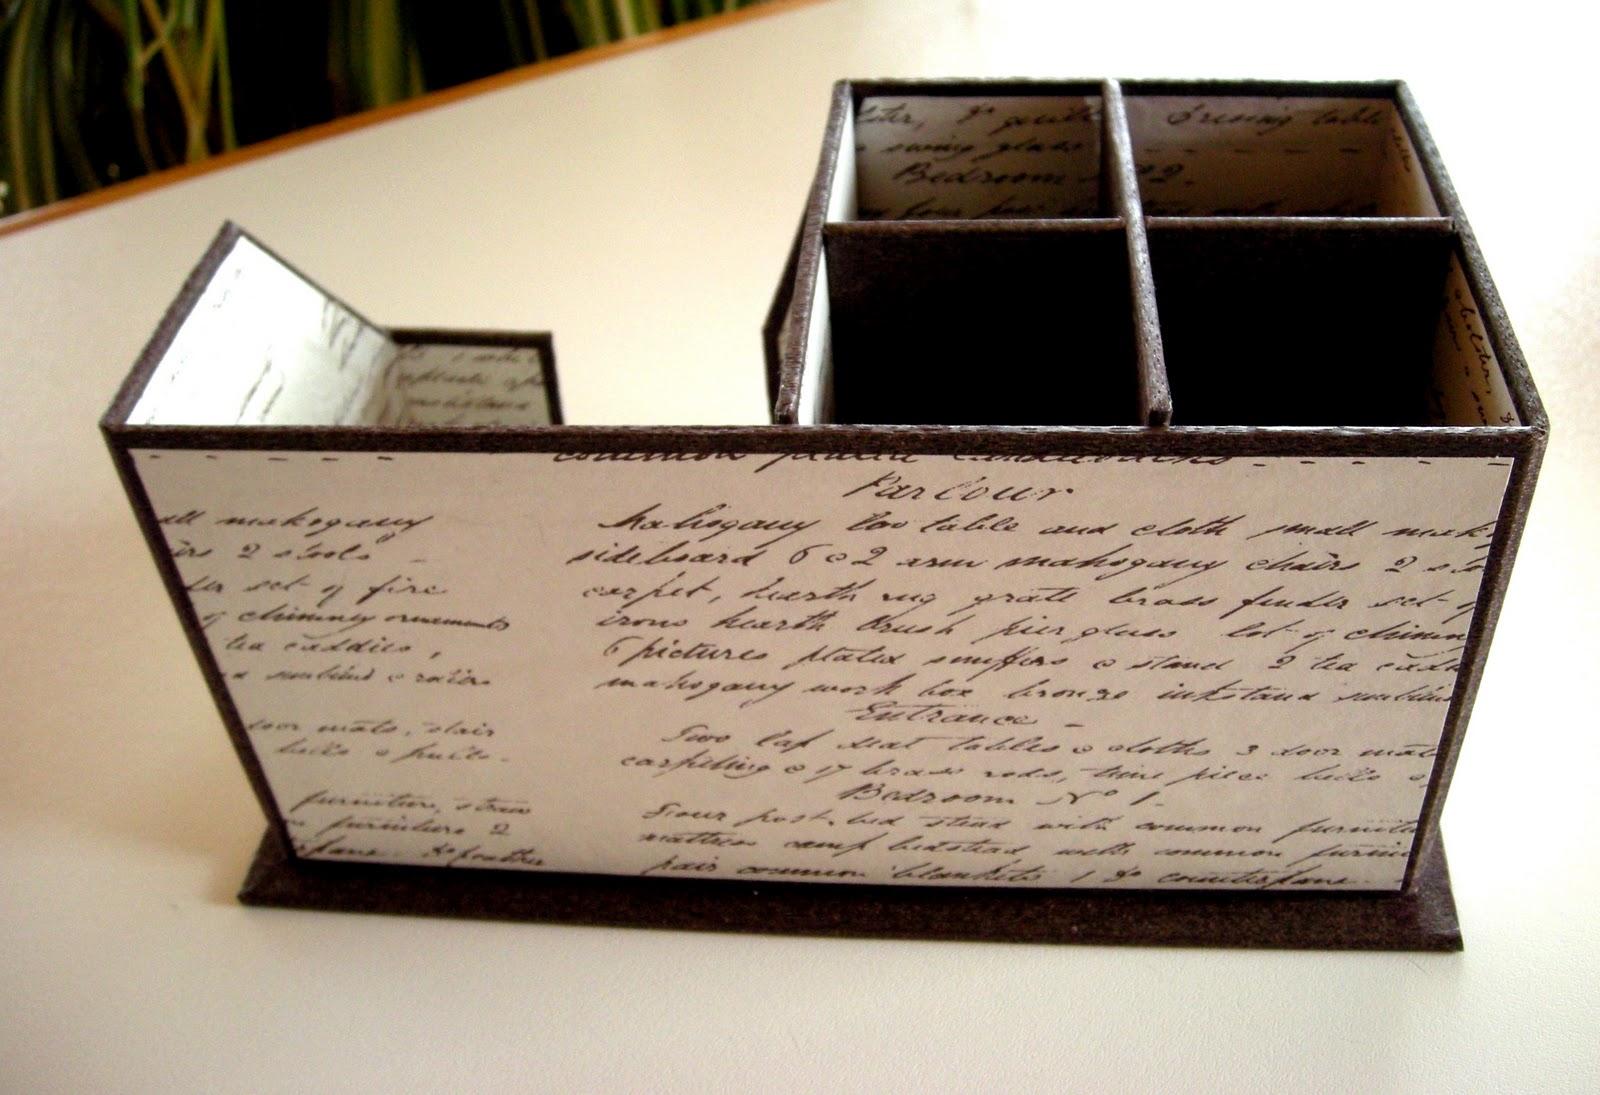 Dagmar 39 s kreativblog schreibtisch utensilo for Schreibtisch utensilo